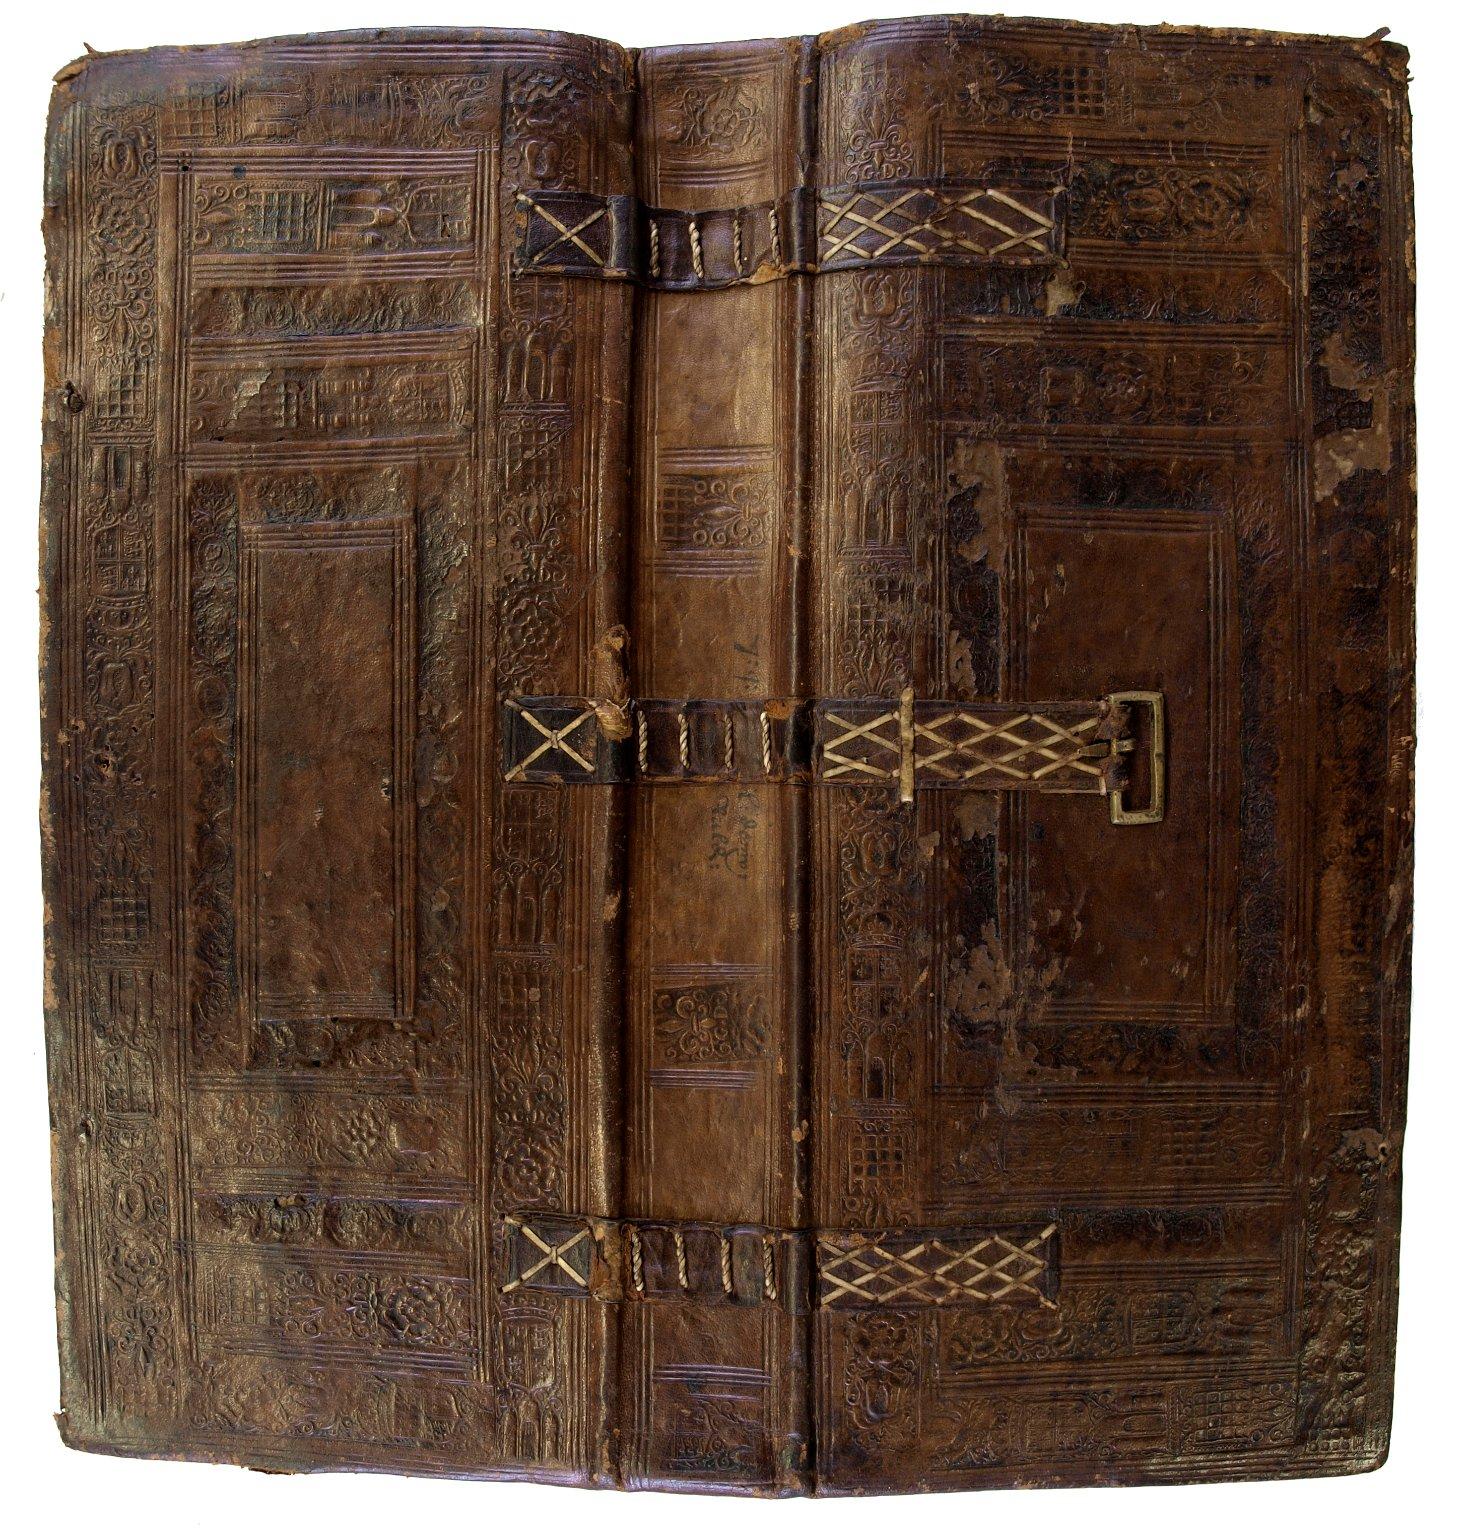 Open covers, V.b.139.